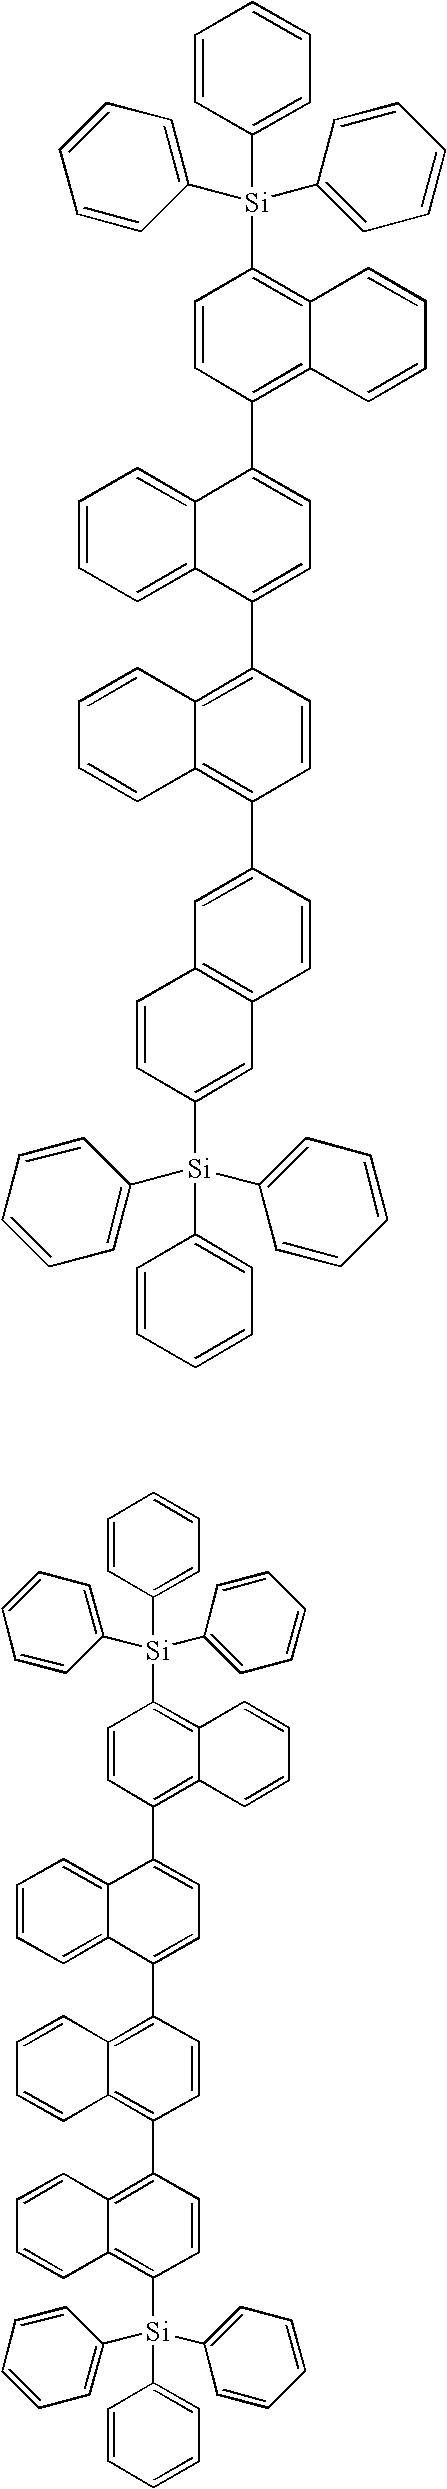 Figure US20100171109A1-20100708-C00086